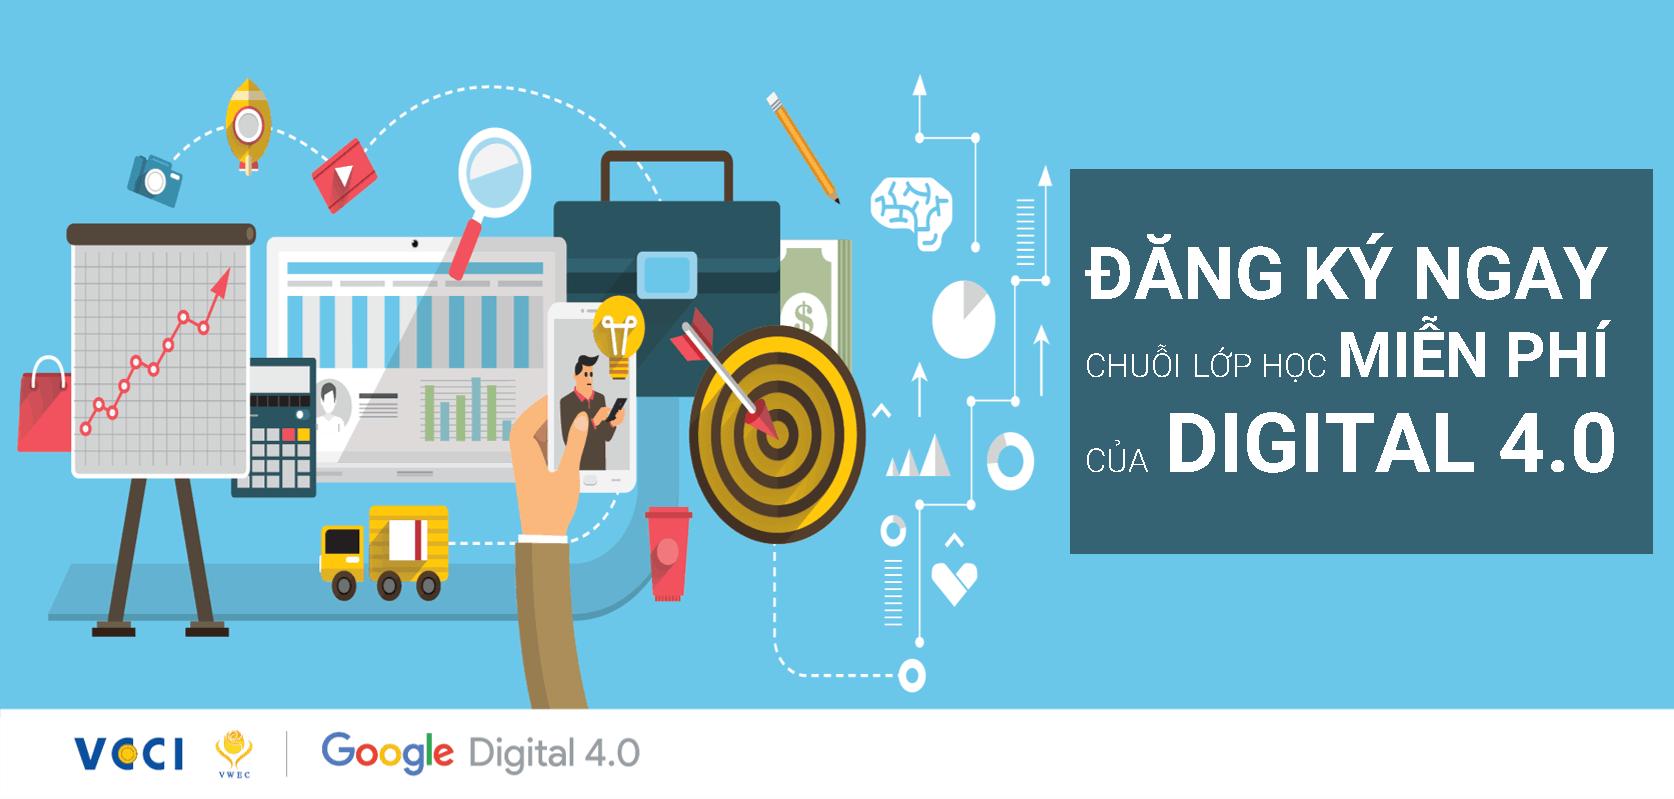 11 - Giới thiệu khóa học Digital 4.0 do Google và VCCI tổ chức tại Việt Nam